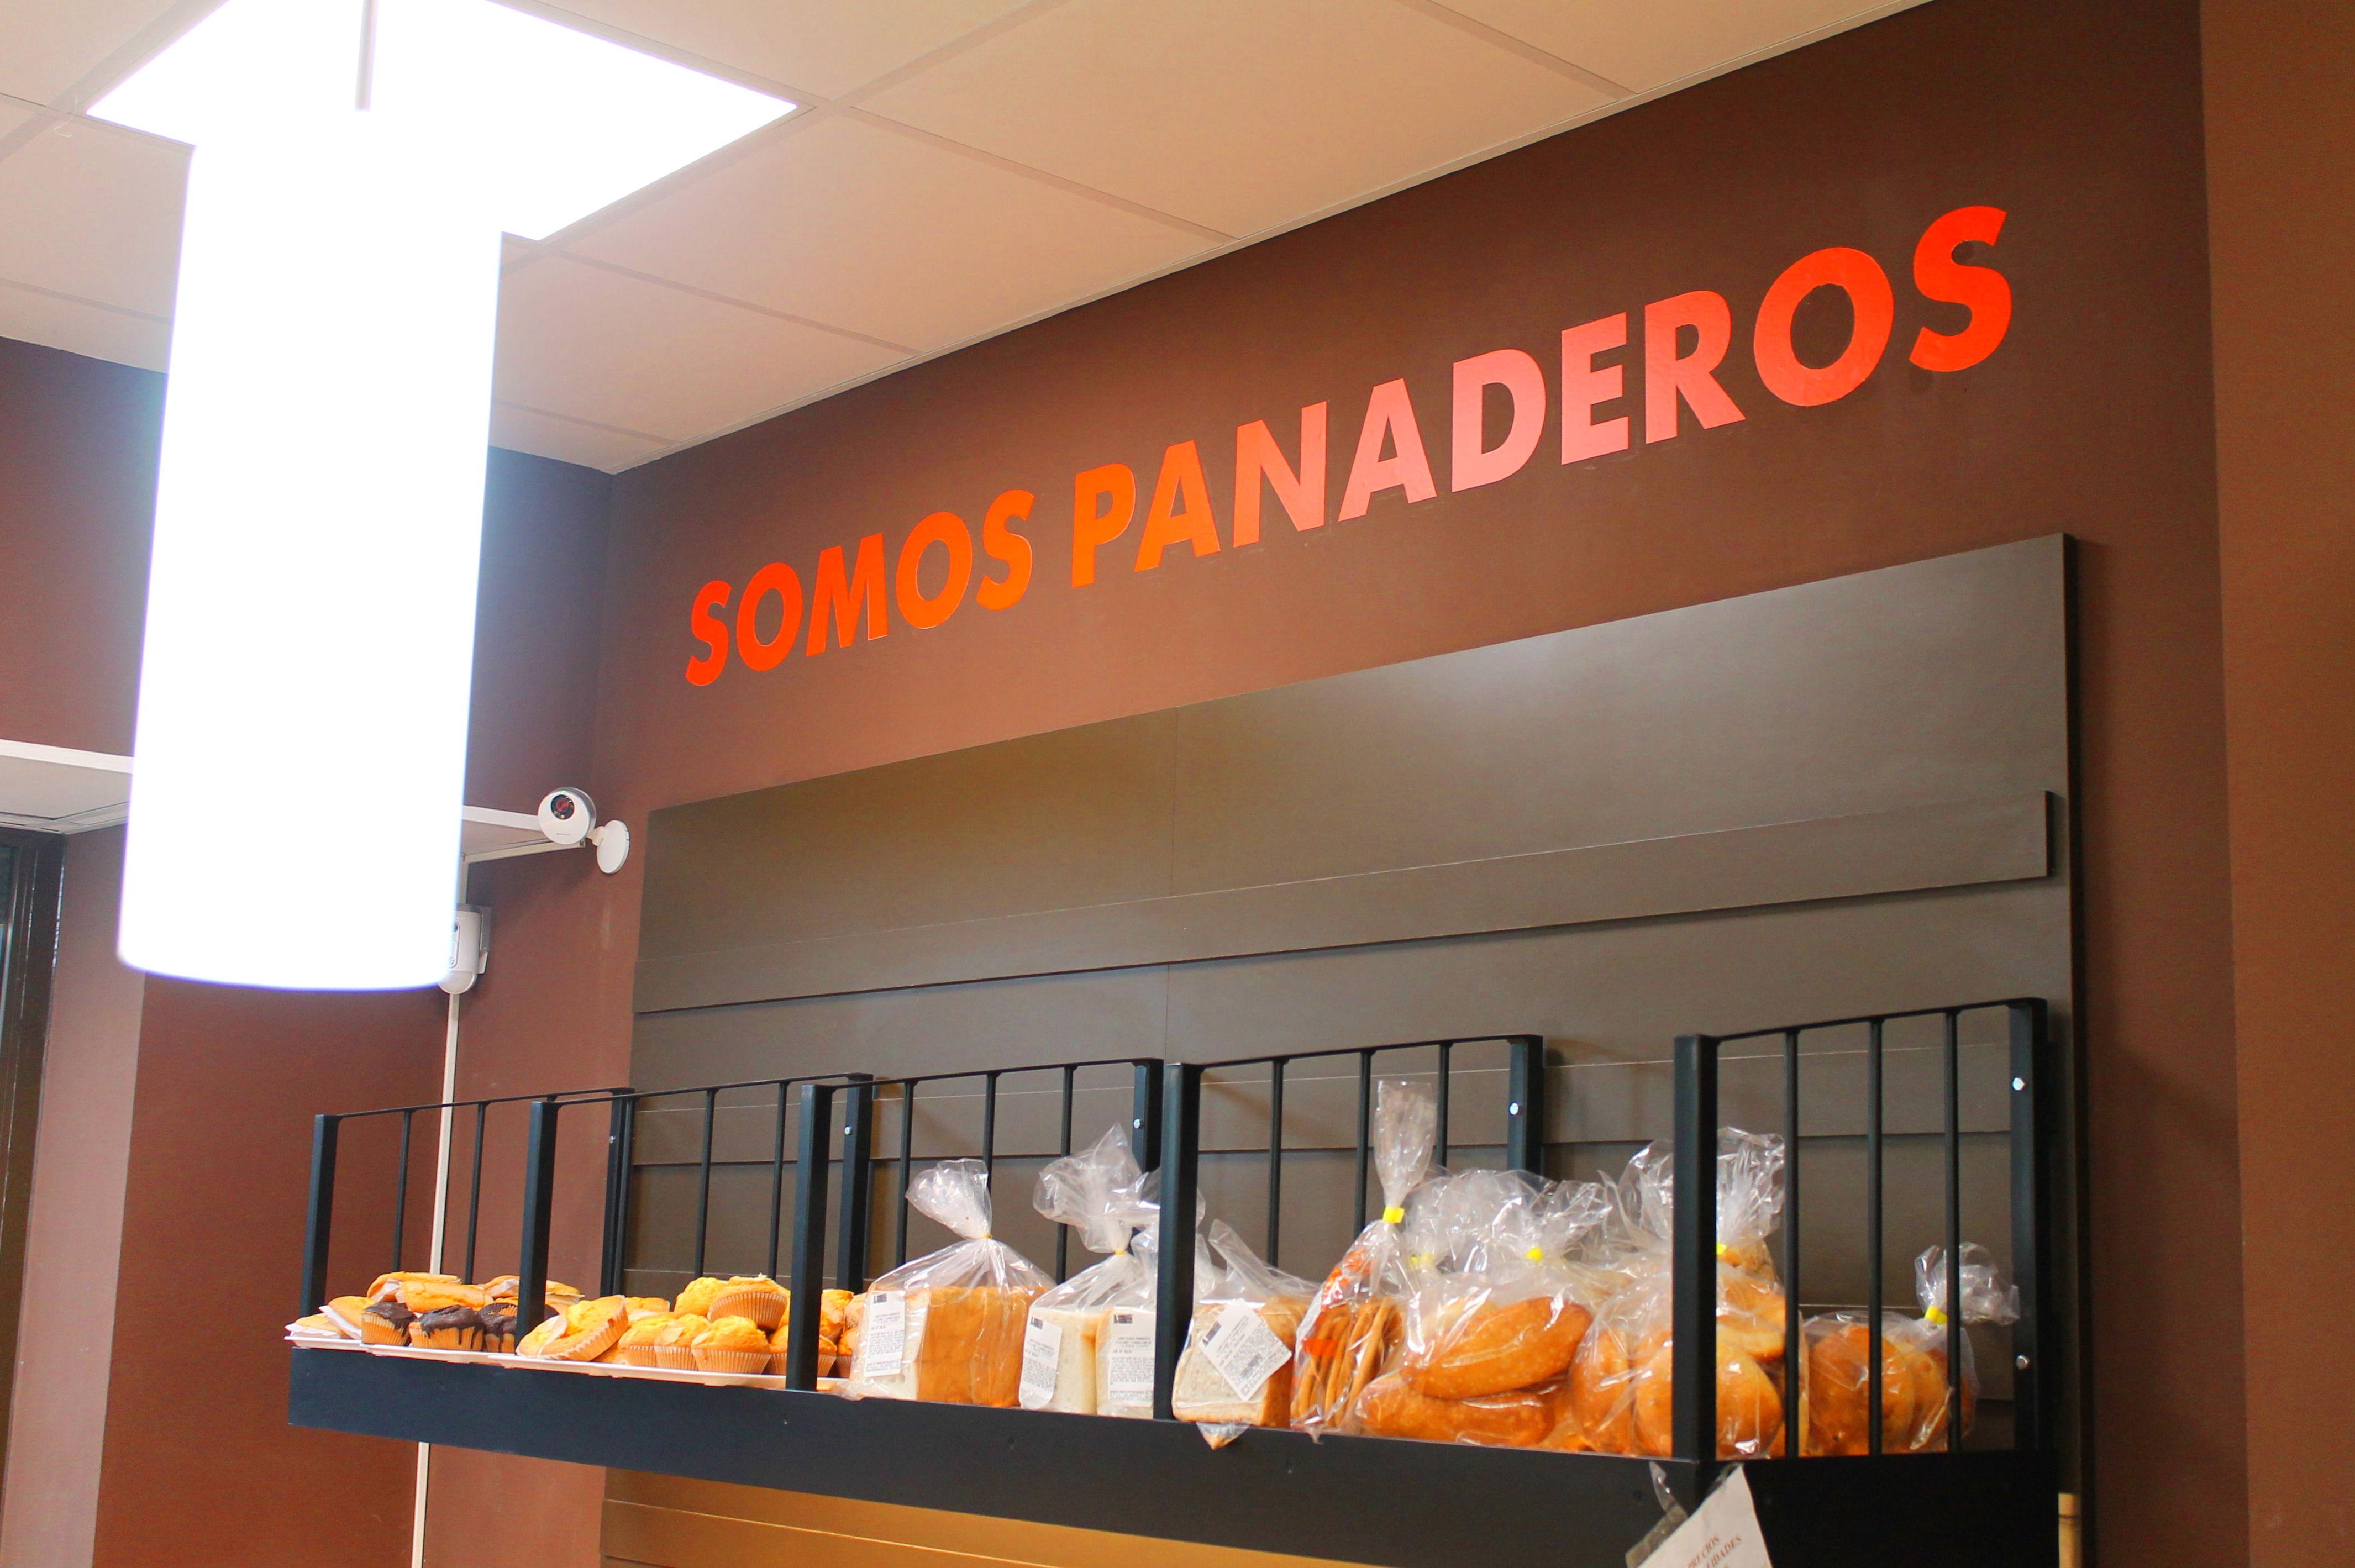 Foto 25 de Obrador artesano con amplia variedad de panes en Jaén | Panaderías y Confiterías Rodríguez